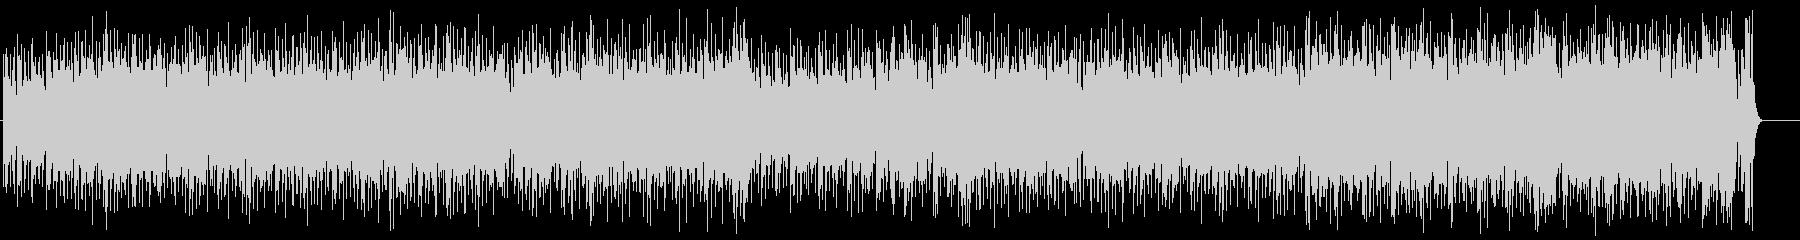 エレクトリックポップス(フルサイズ)の未再生の波形